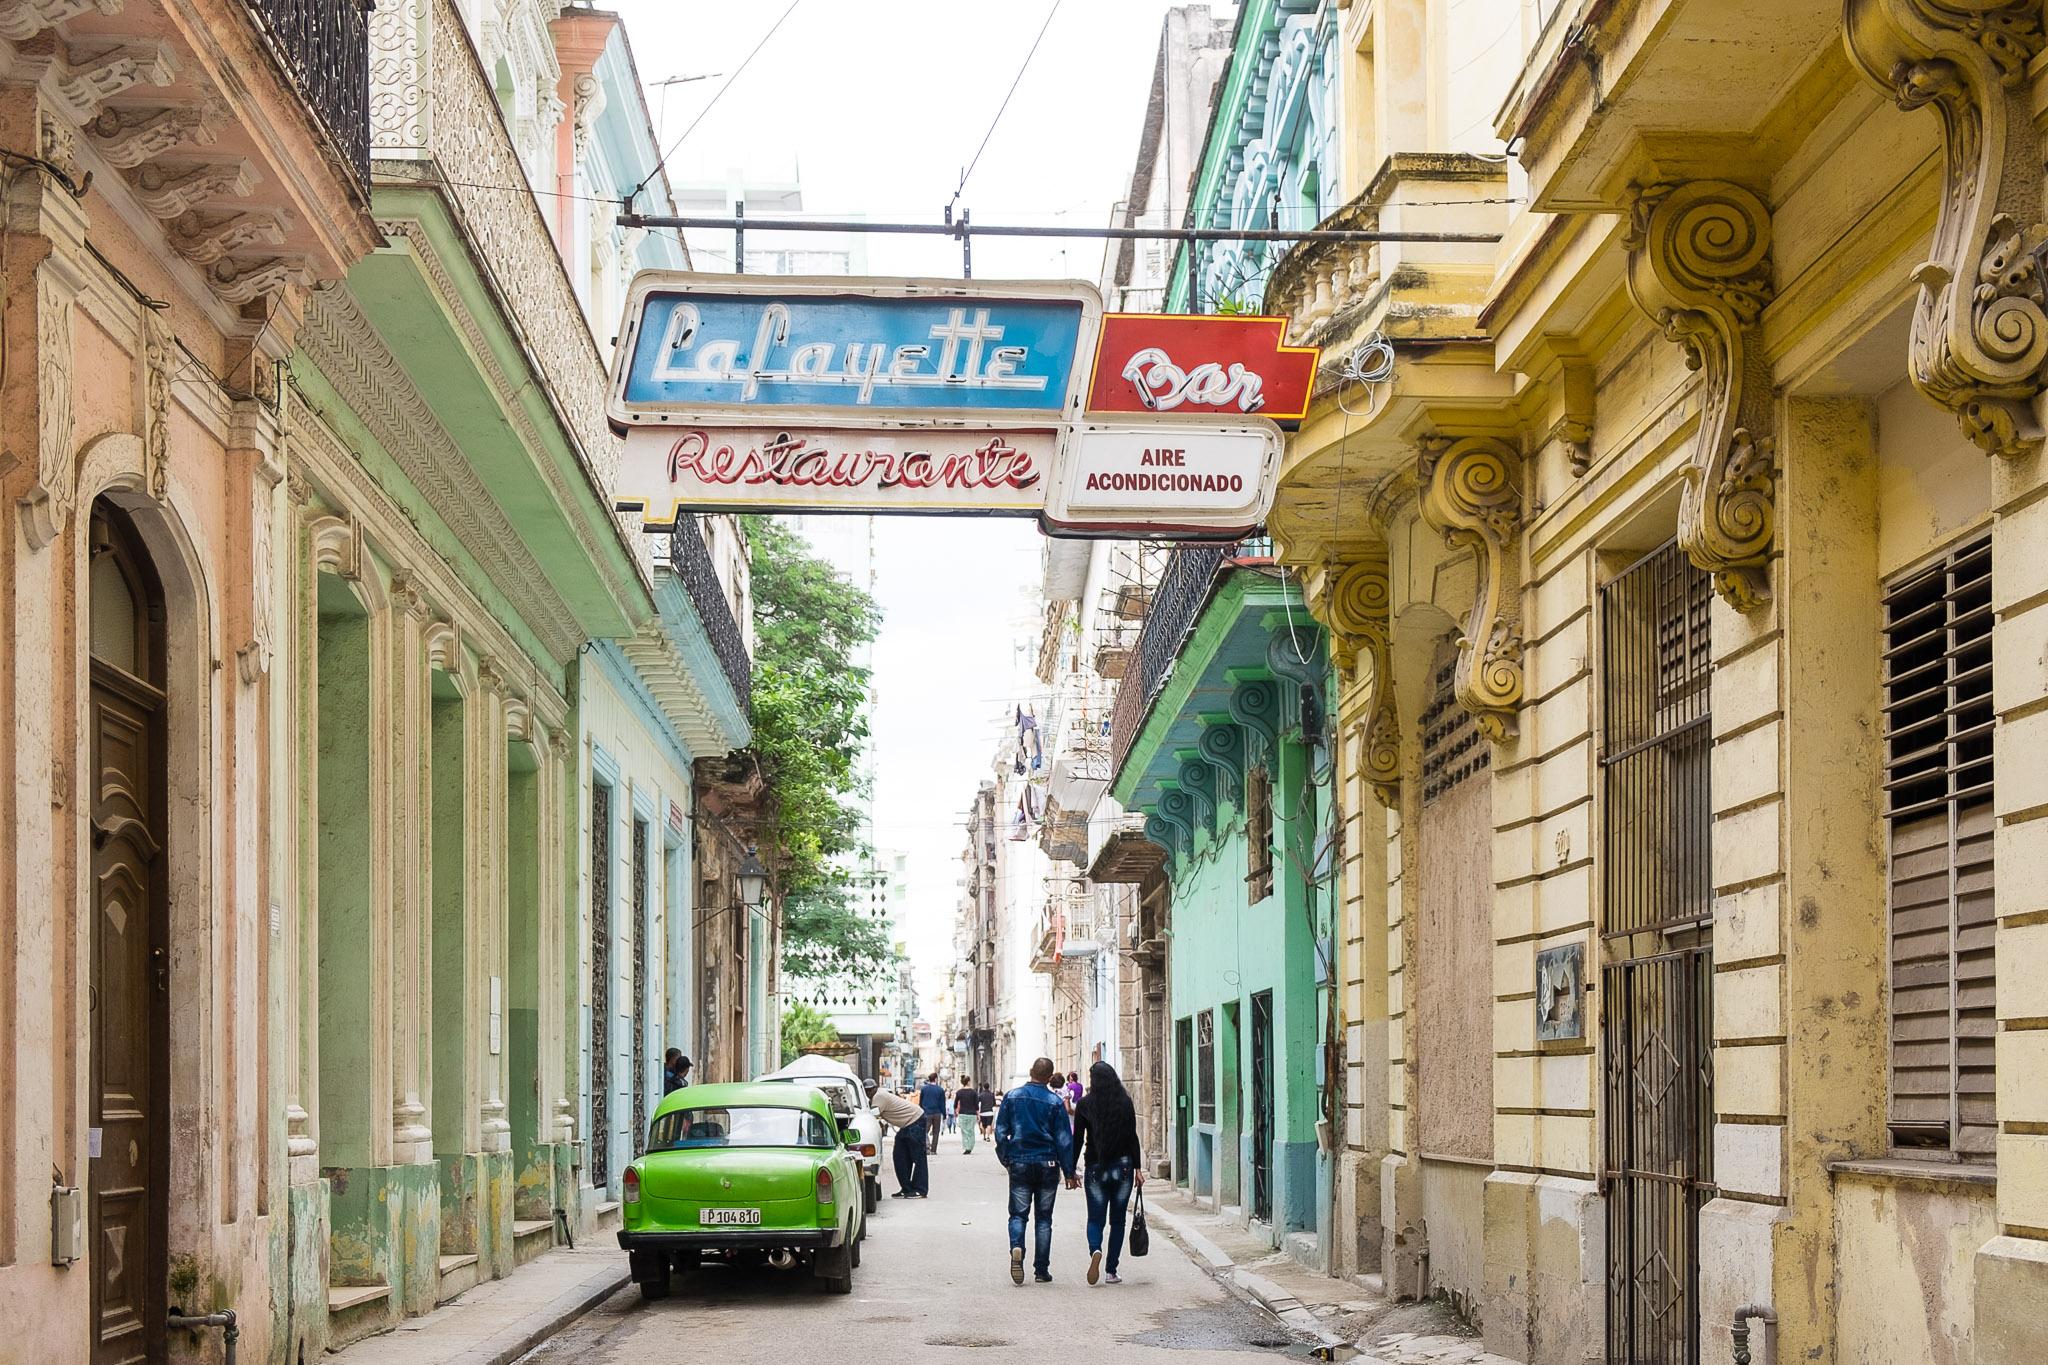 Cuba-2017-12-Havana-0405.jpg